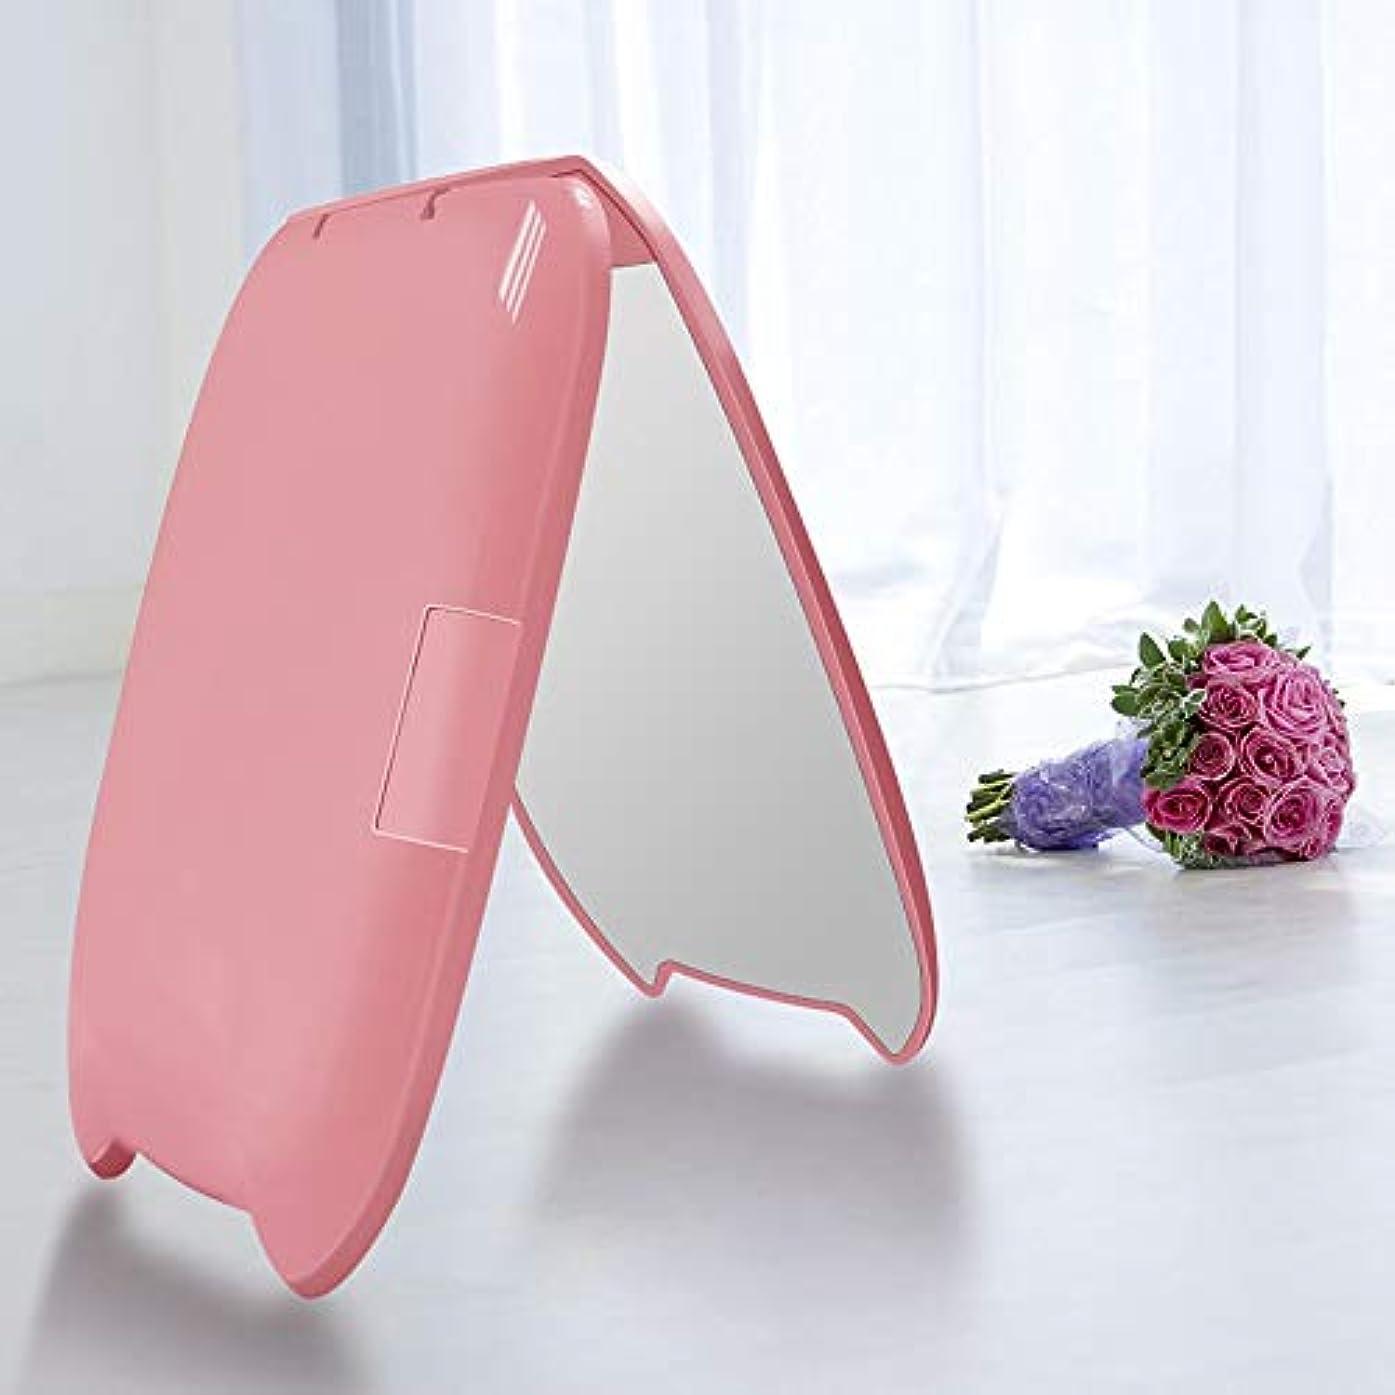 脚章鑑定流行の ミニポータブル猫耳LED化粧鏡2回化粧小さな化粧鏡美容鏡化粧鏡ピンク